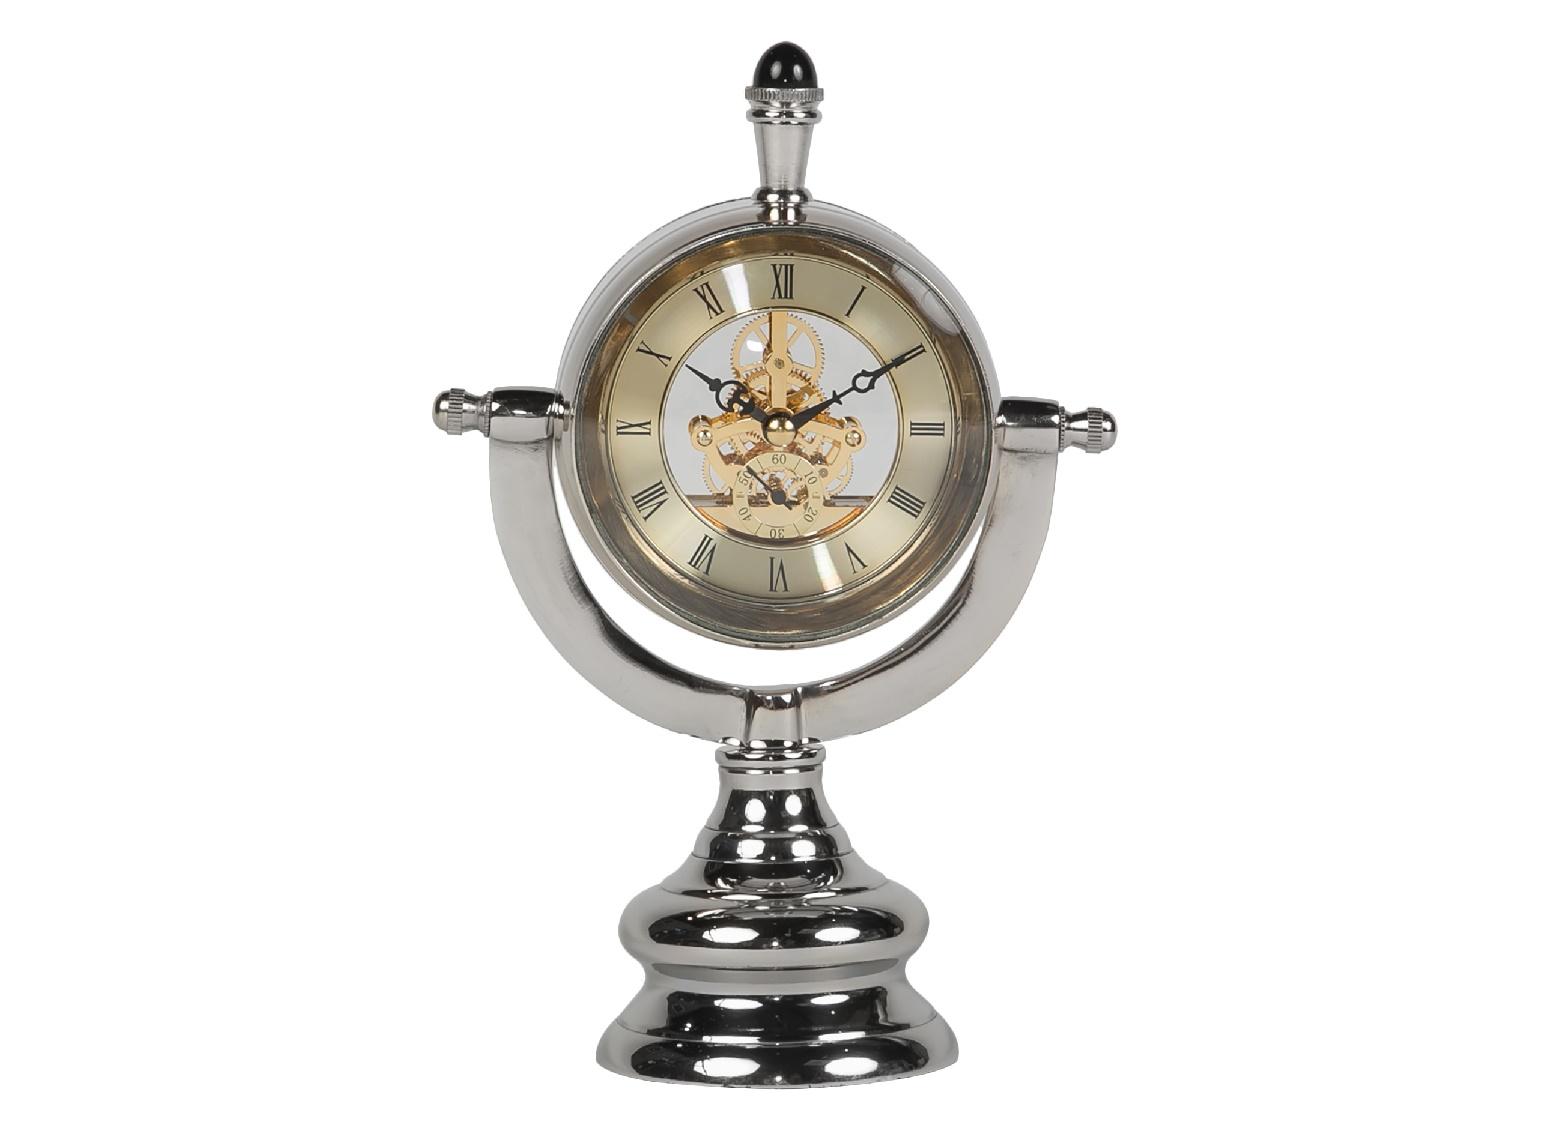 Часы настольныеНастольные часы<br>Настольные часы от MH позволят вам взглянуть на время в новой плоскости. Благодаря открытому механизму вы сможете наблюдать за тем, как слаженно ход шестеренок дарит движение быстротечным секундам. Изящный серебристый корпус в стиле винтажных конструкций XIX века делает облик часов таинственно прекрасным.<br><br>Material: Алюминий<br>Length см: None<br>Width см: 16<br>Depth см: 9<br>Height см: 24